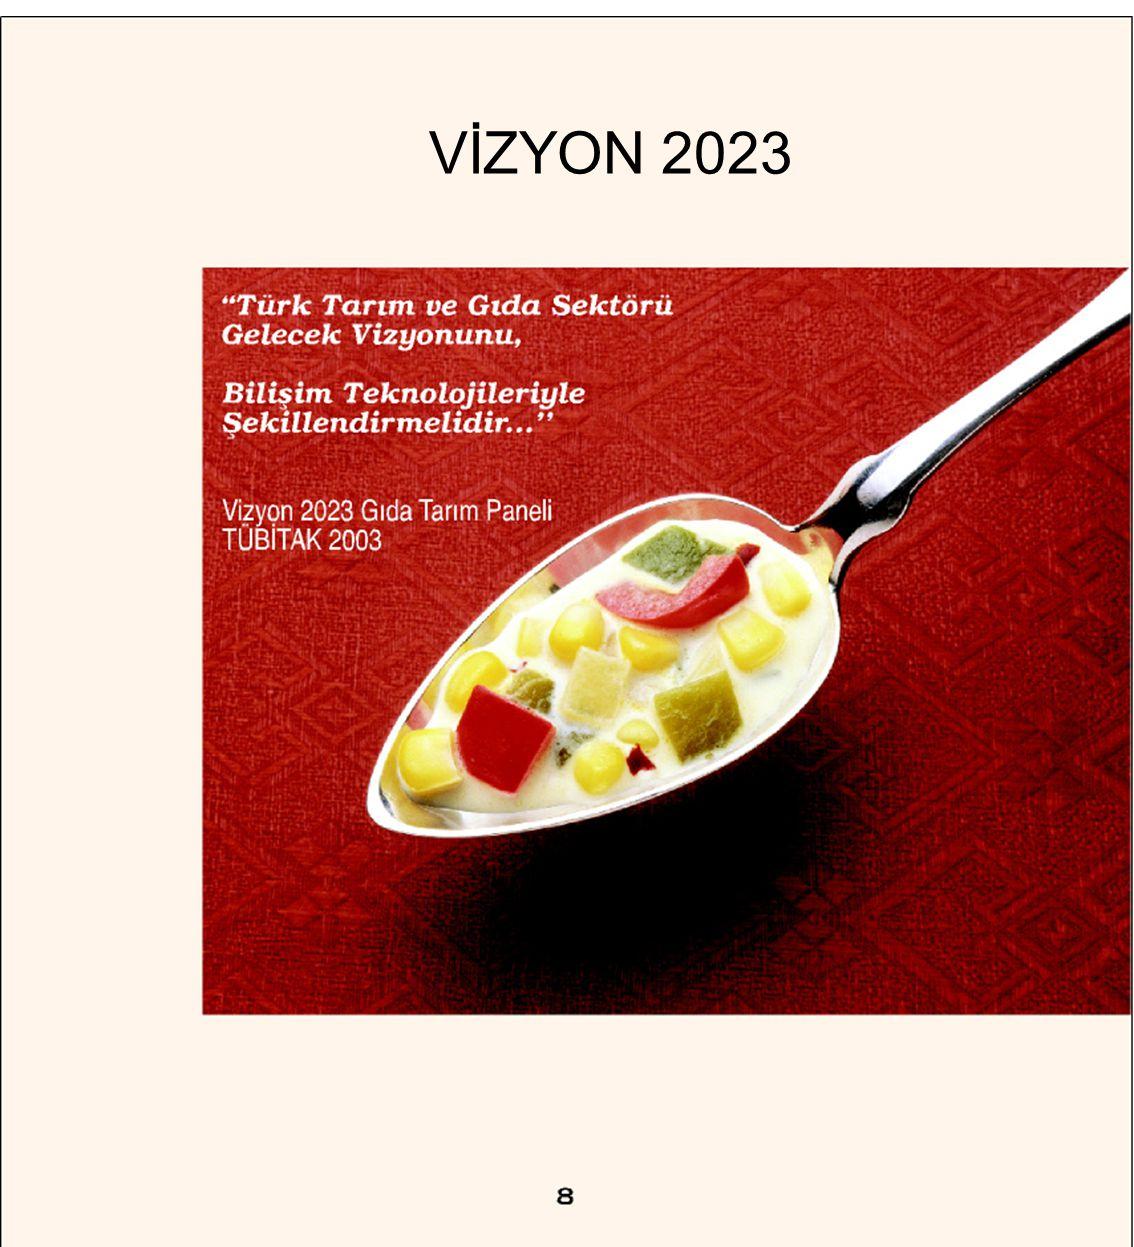 VİZYON 2023